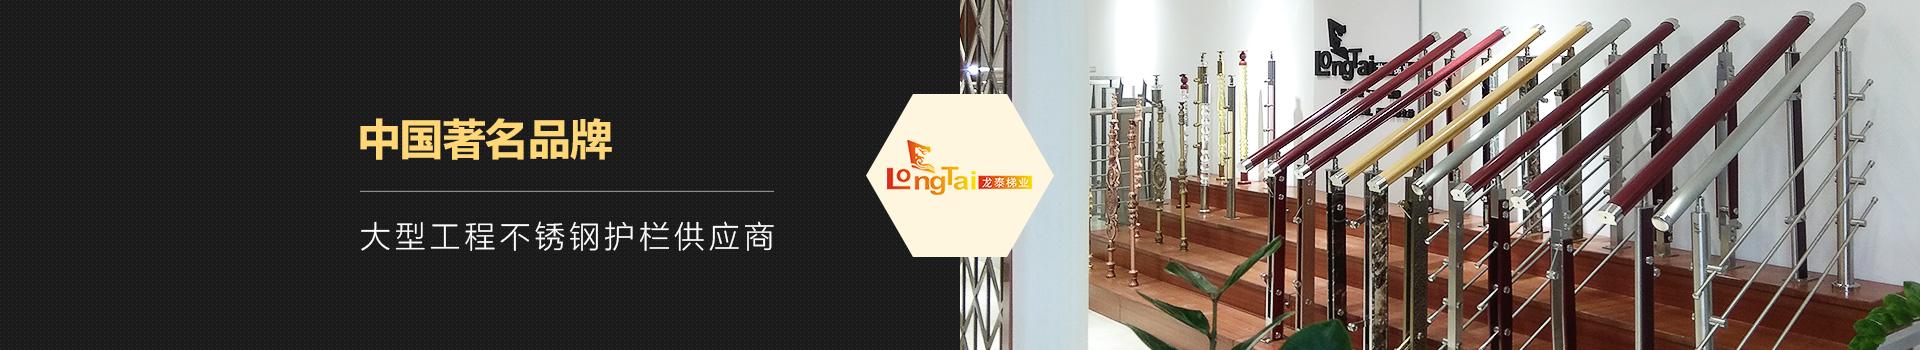 龙泰梯业-大型工程不锈钢护栏供应商